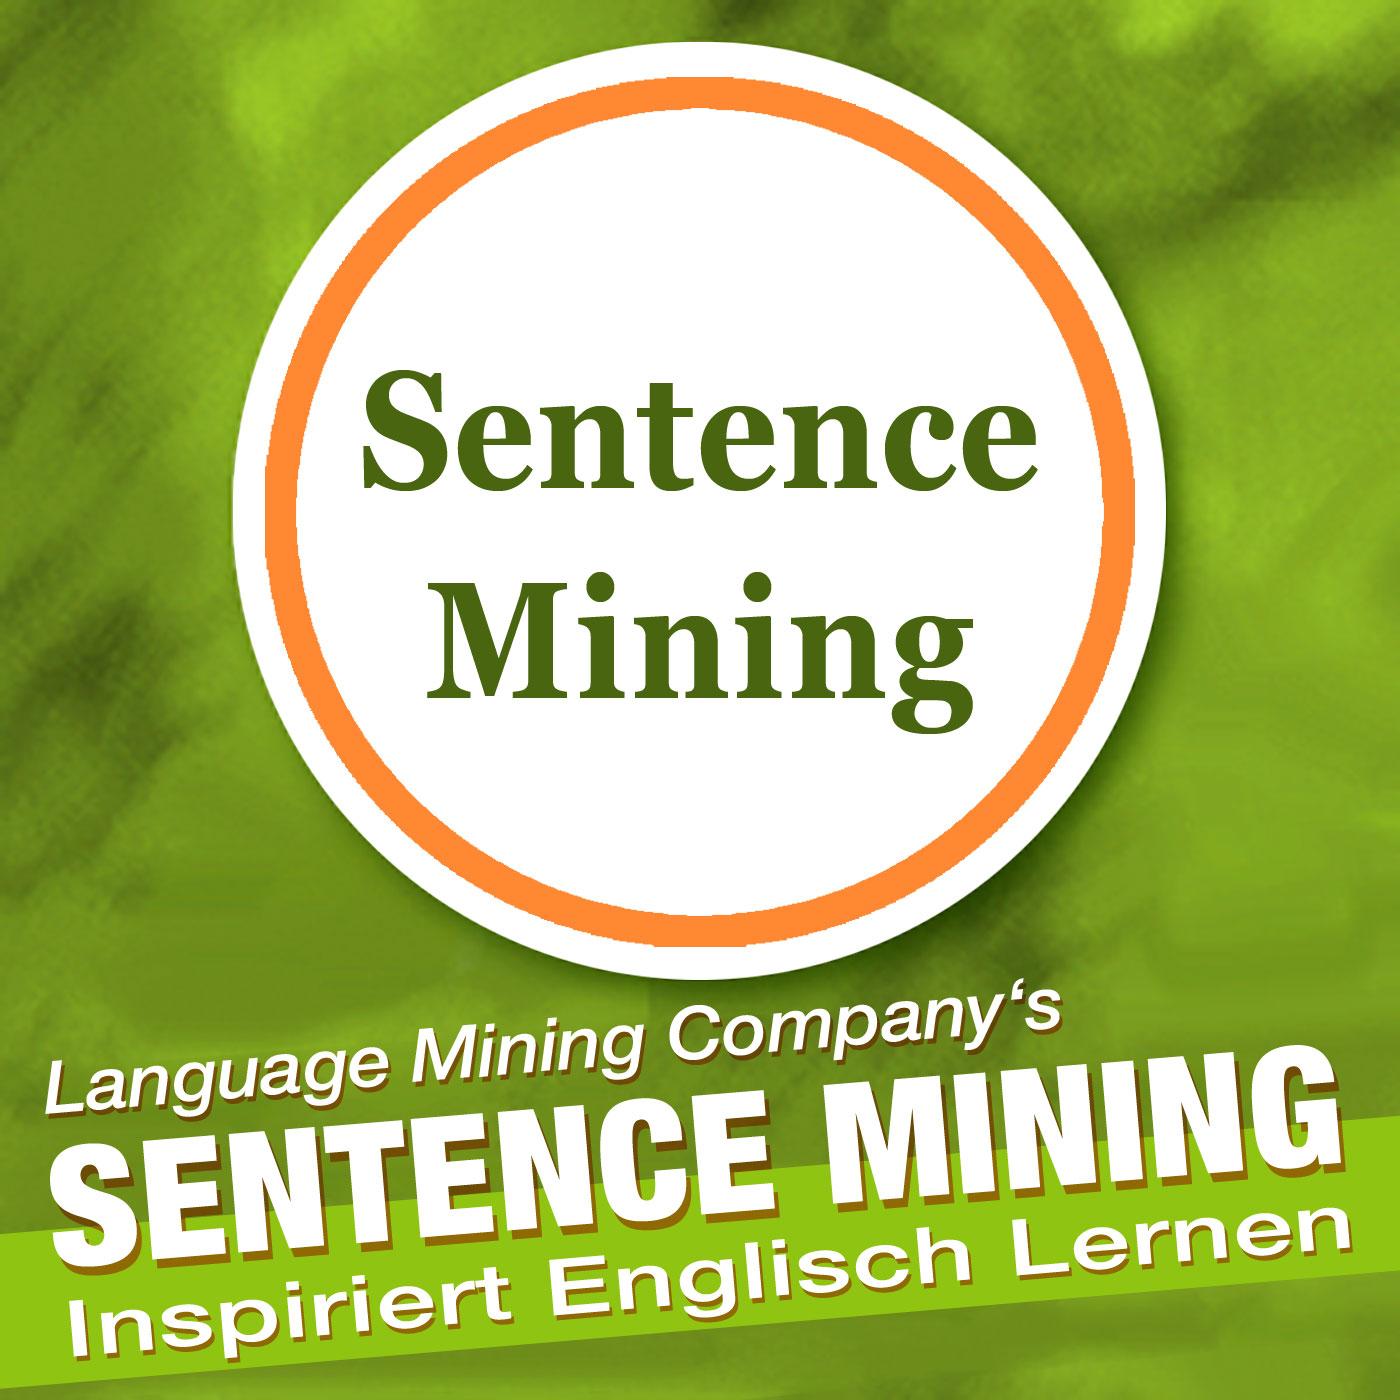 Sentence Mining - Inspiriert Englisch Lernen